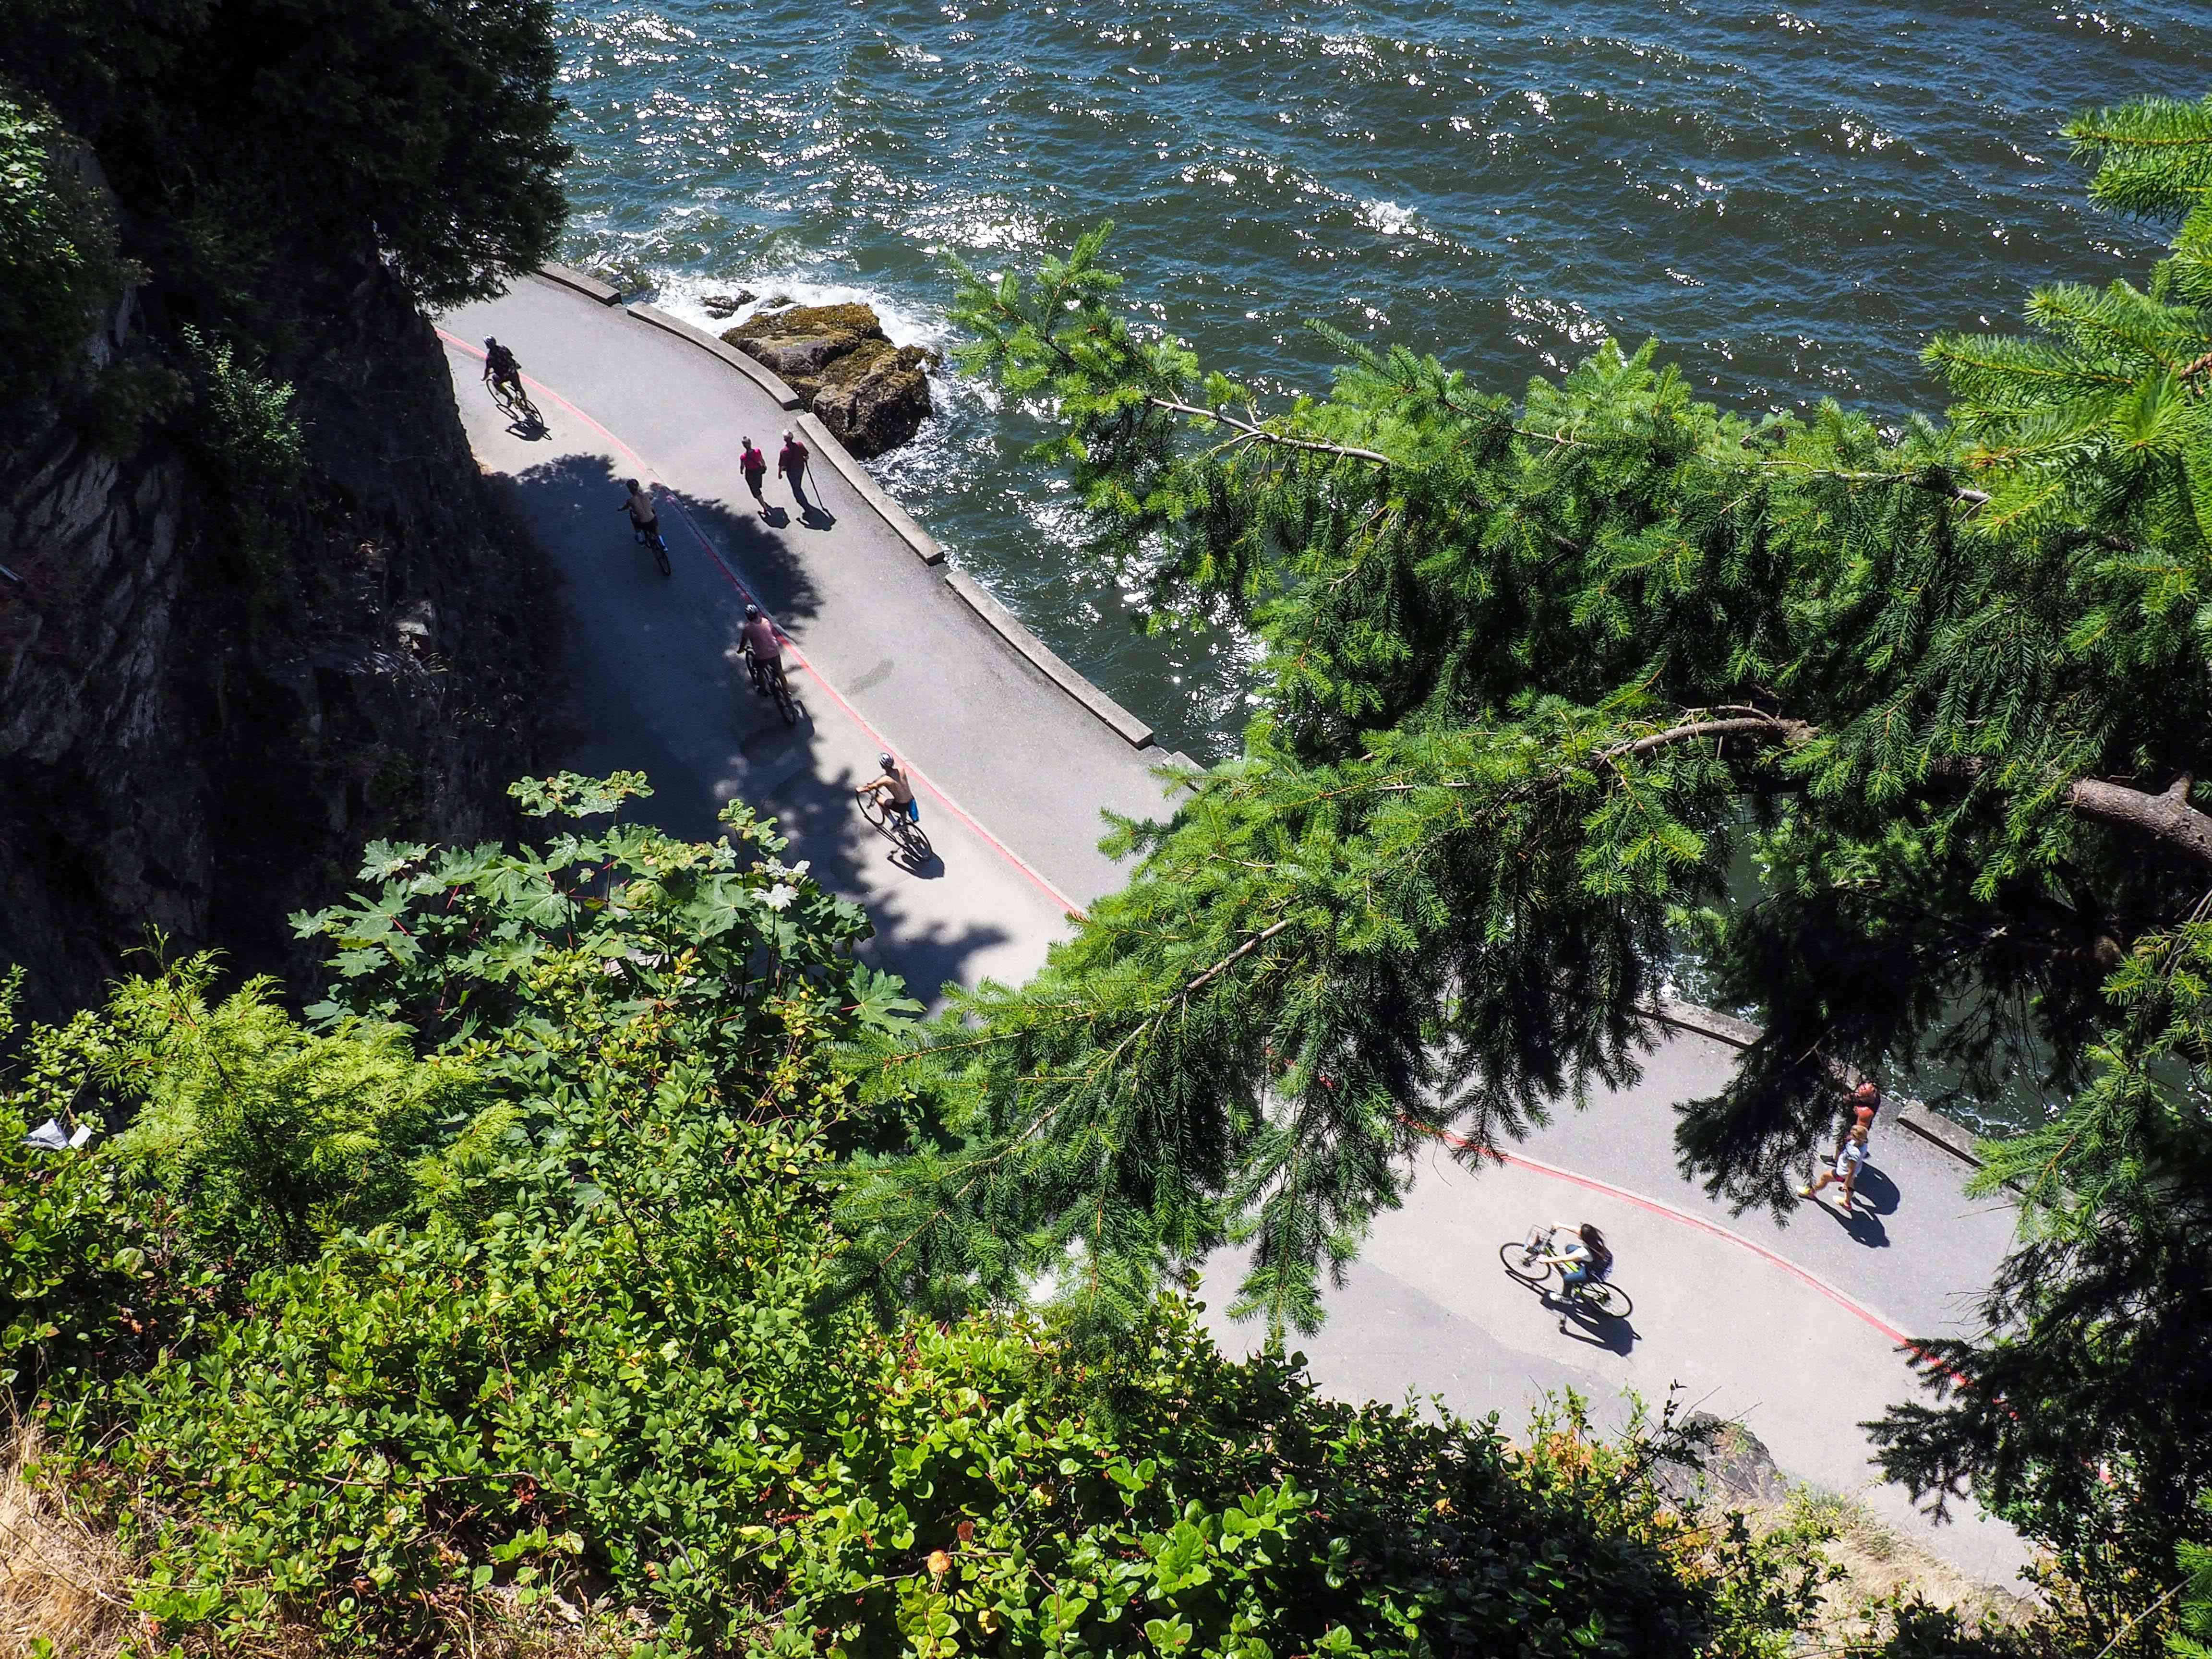 People biking on the stanley park seawall